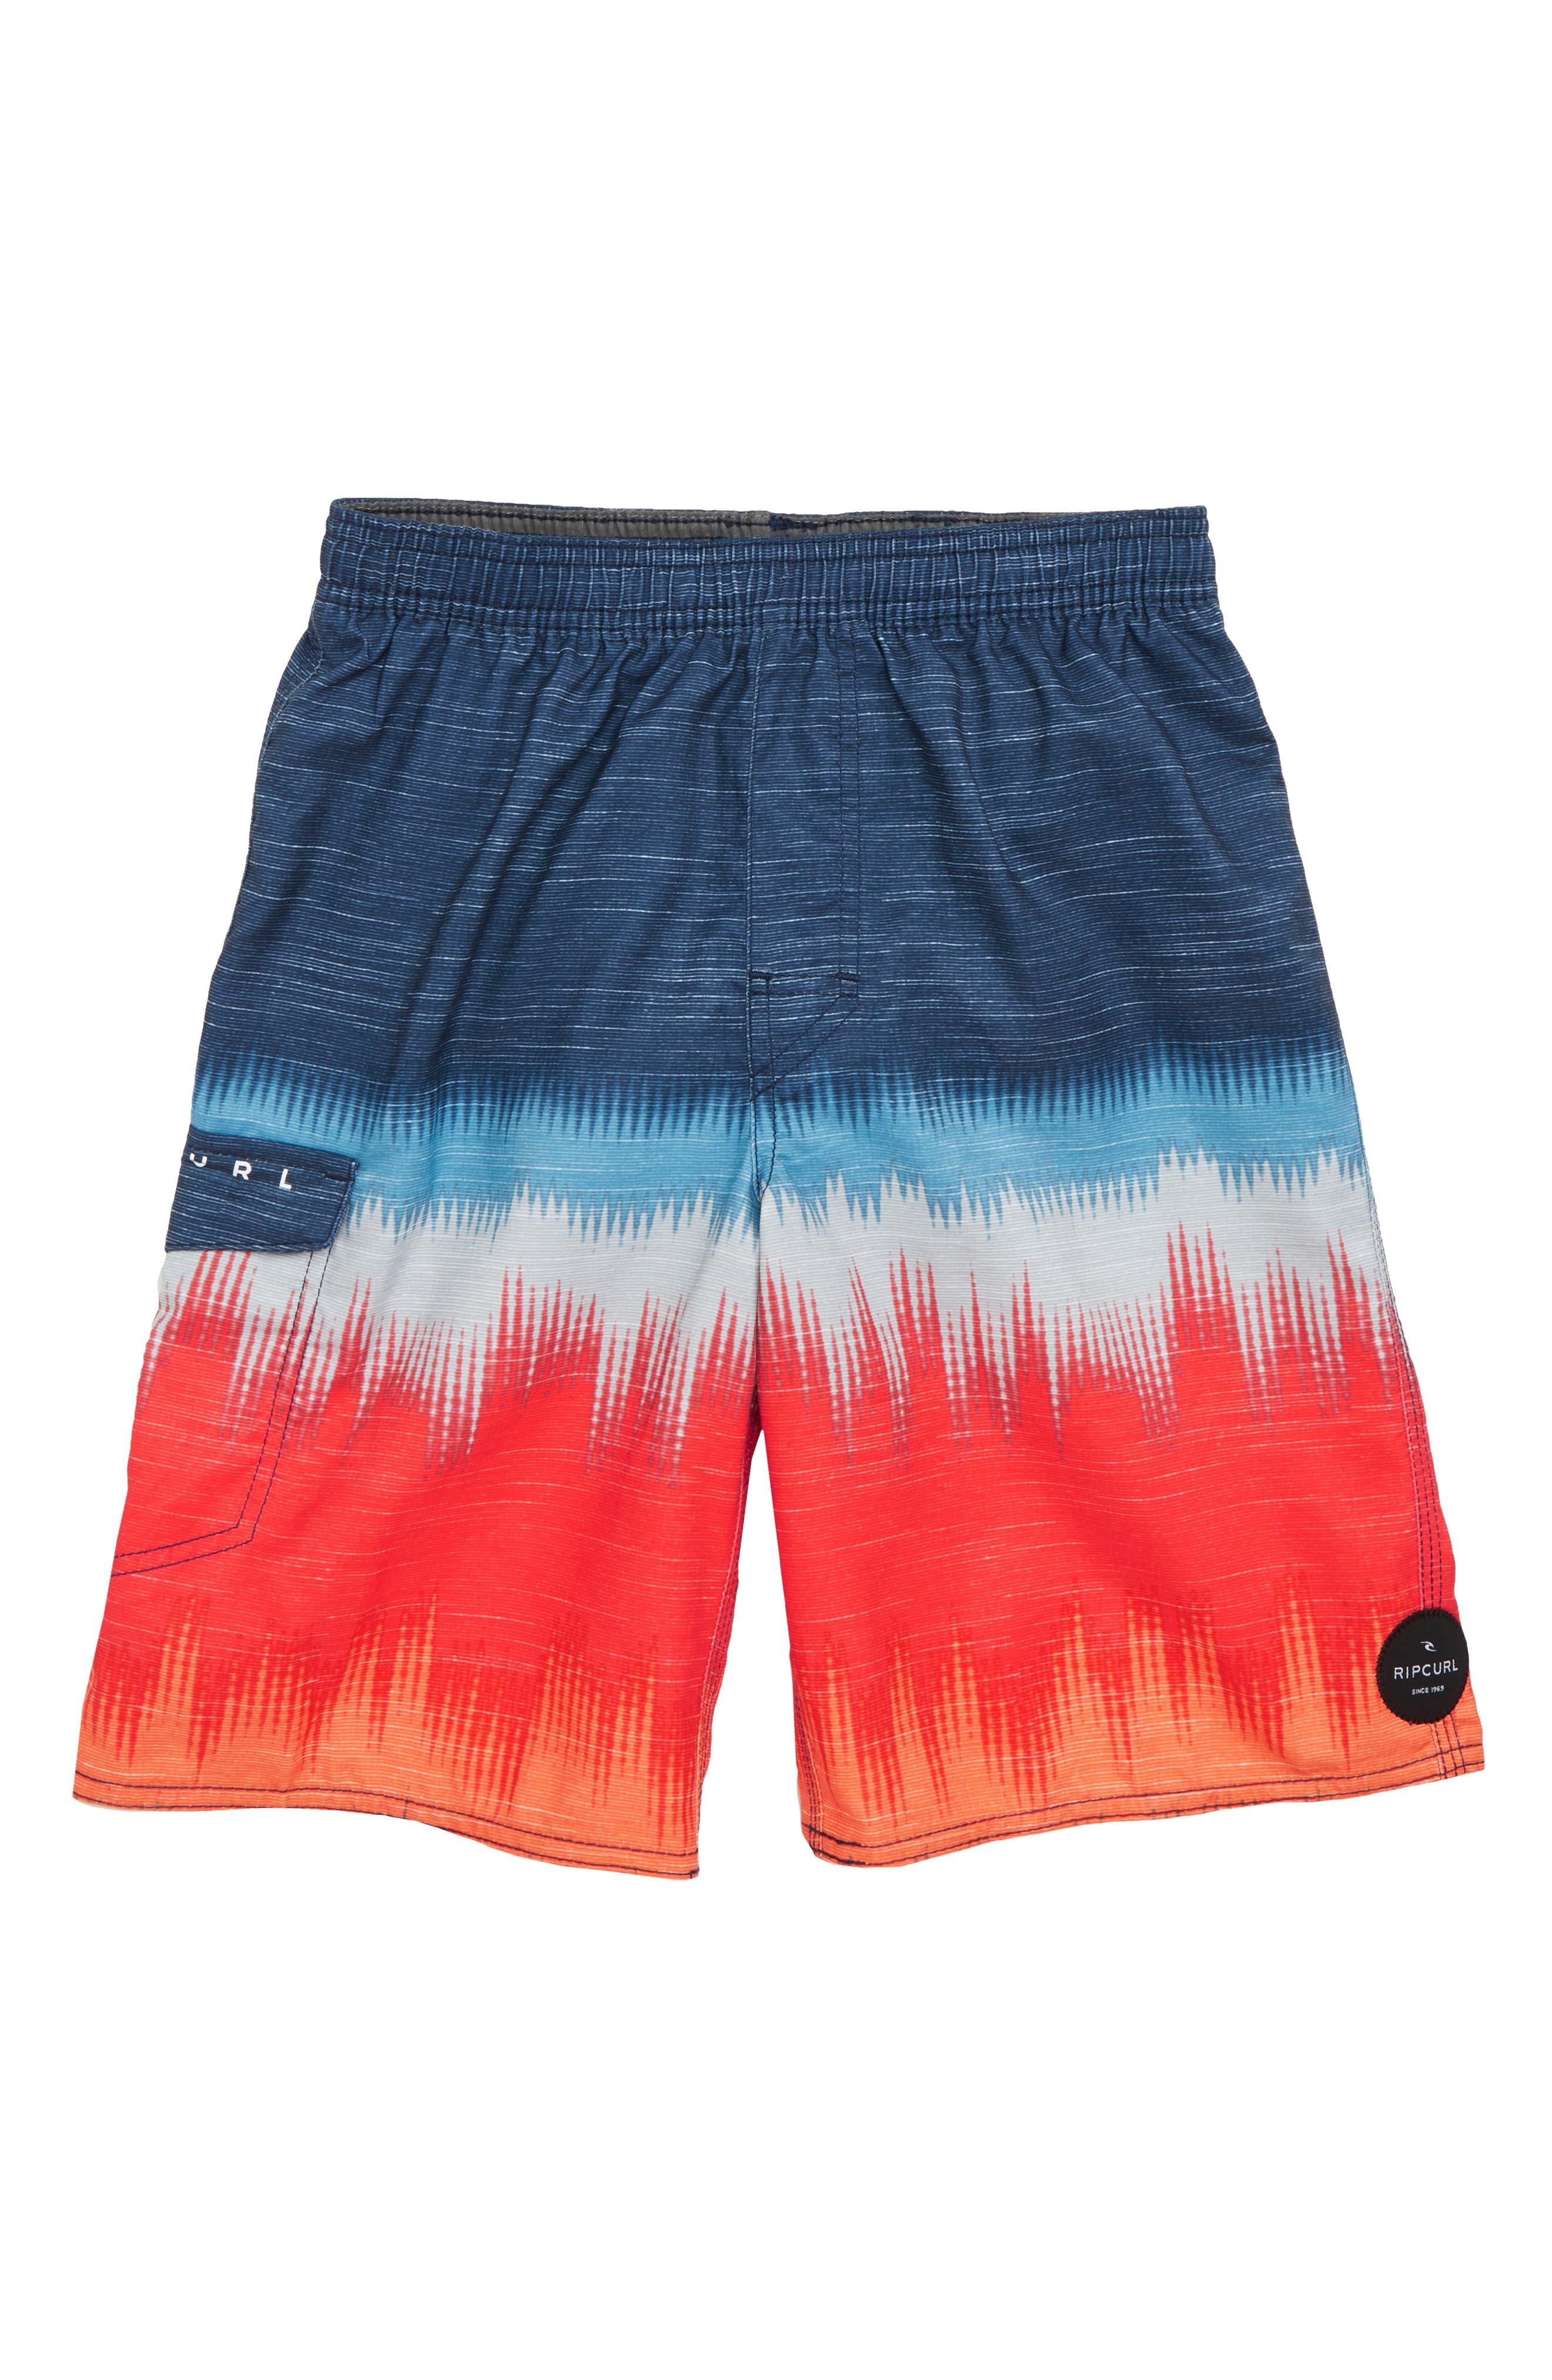 Shallows Volley Shorts,                             Main thumbnail 1, color,                             600